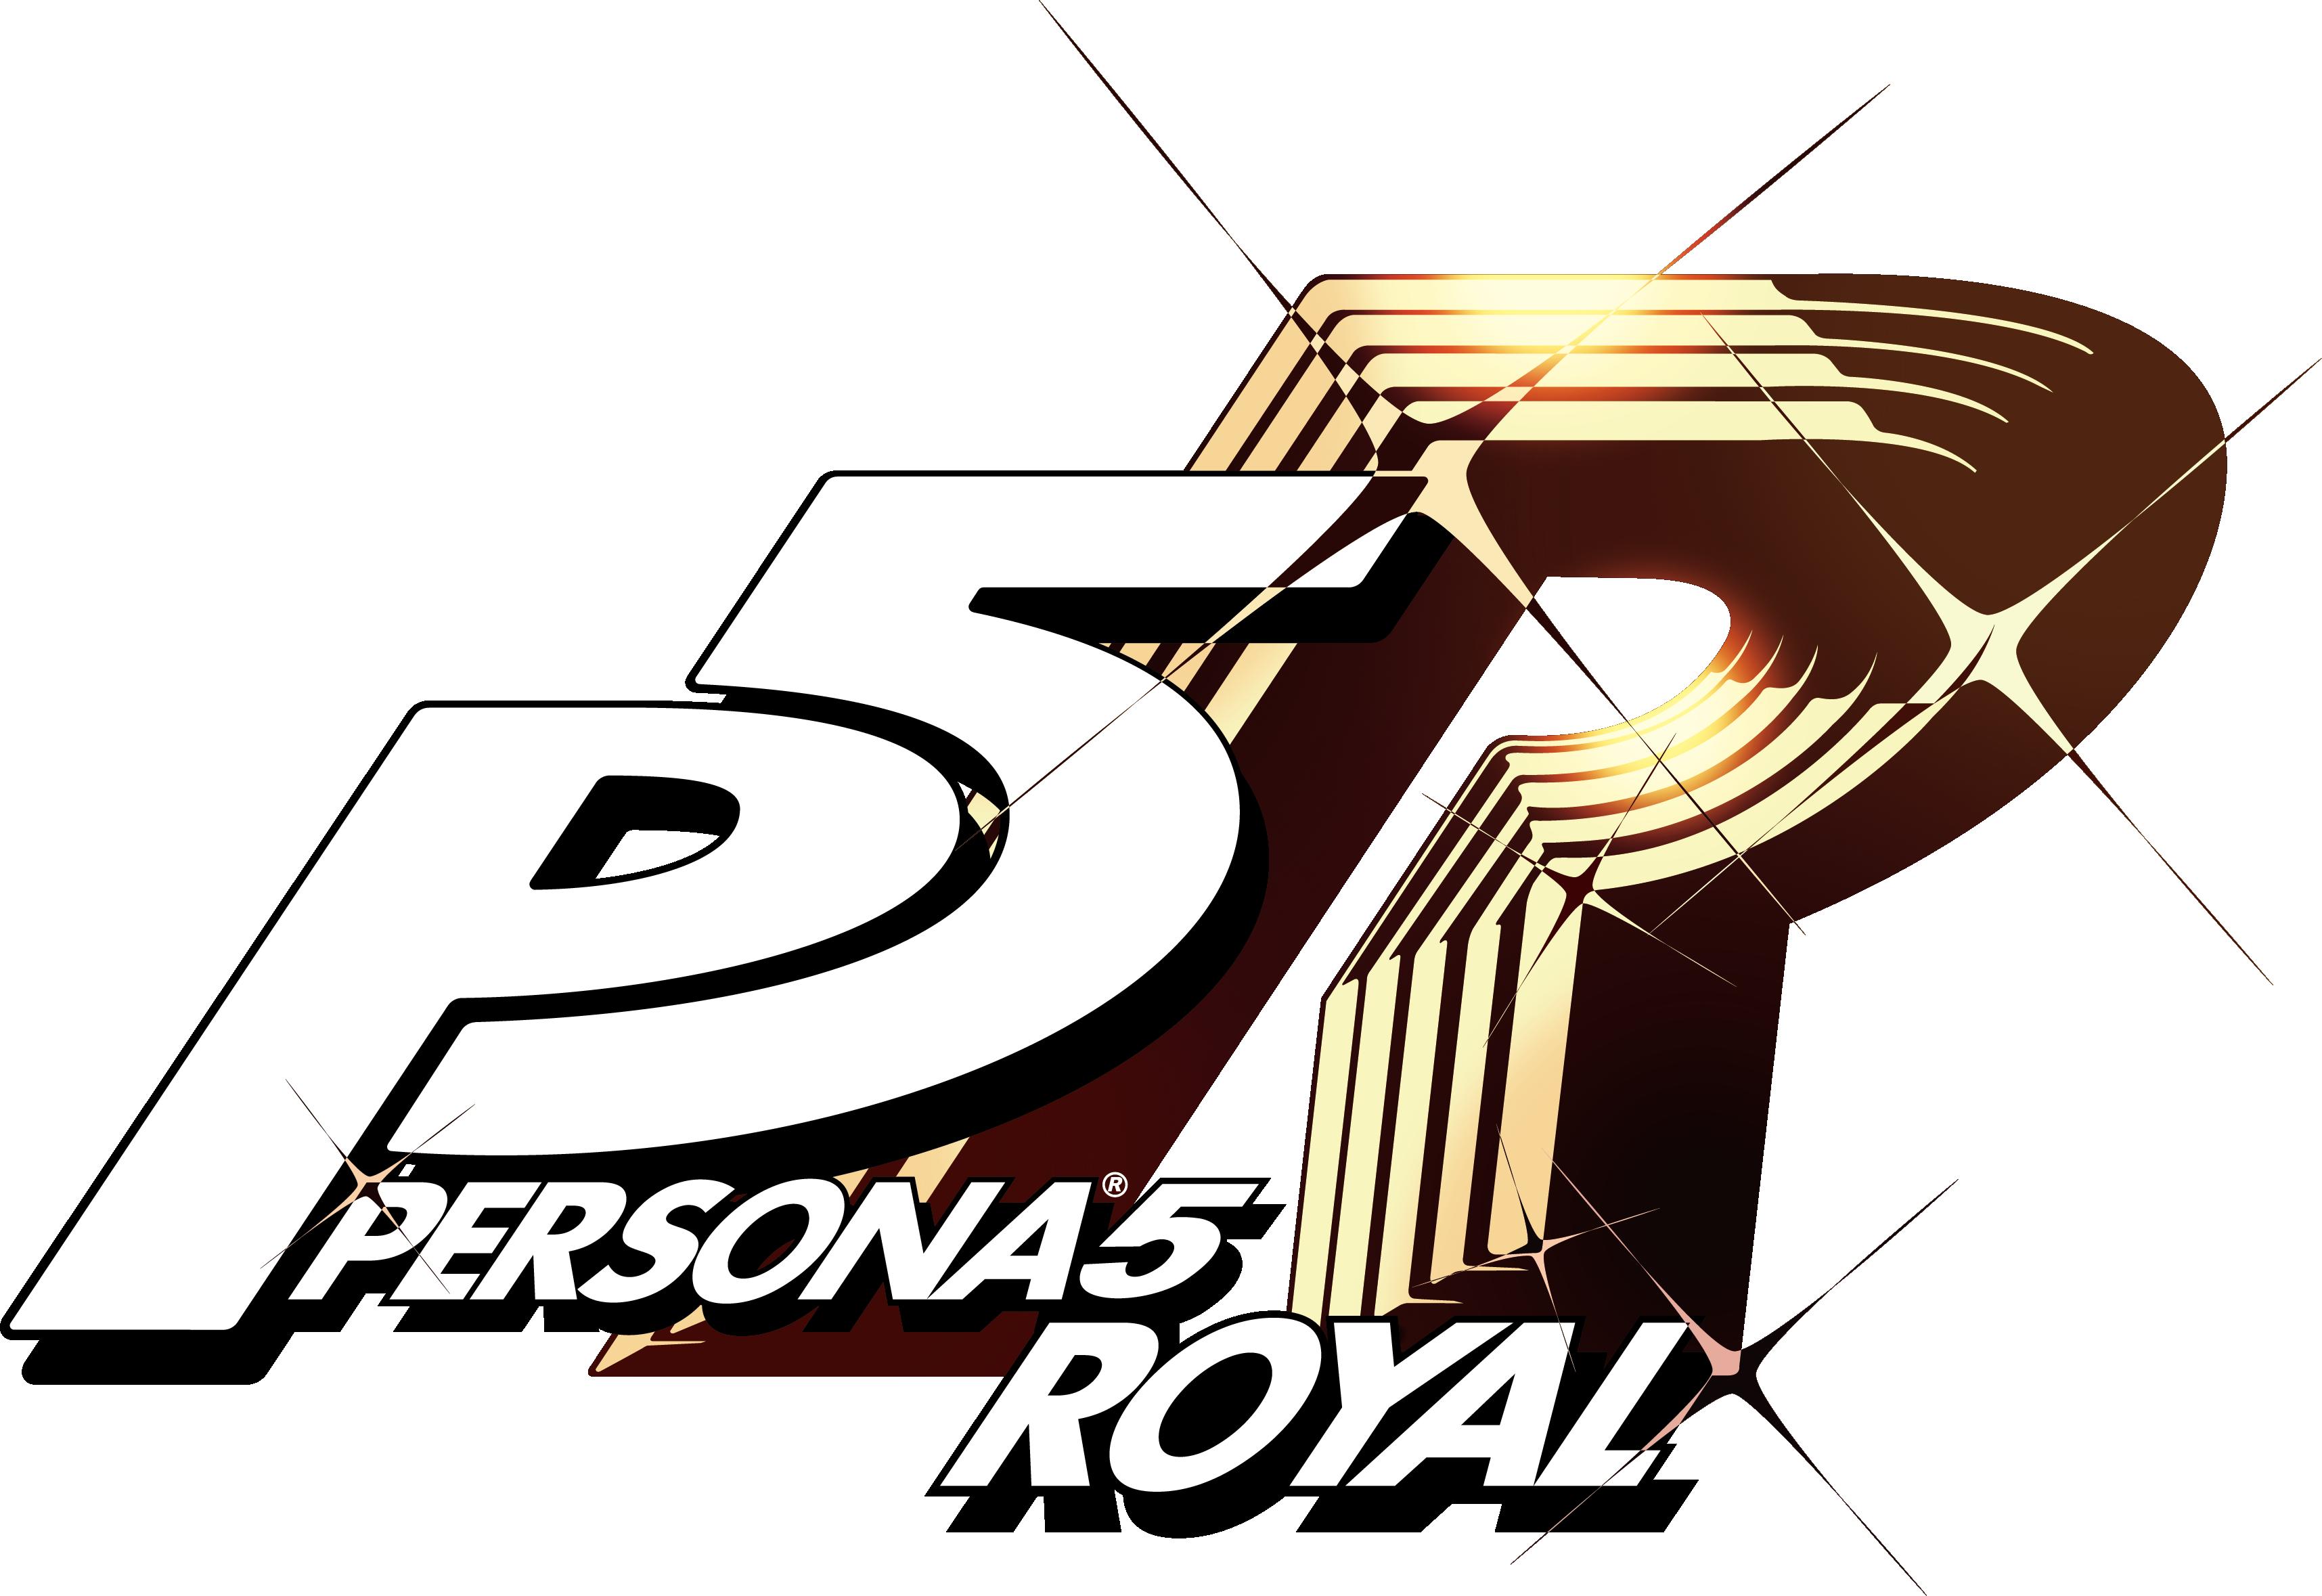 Persona 5 Royal Megami Tensei Wiki Fandom